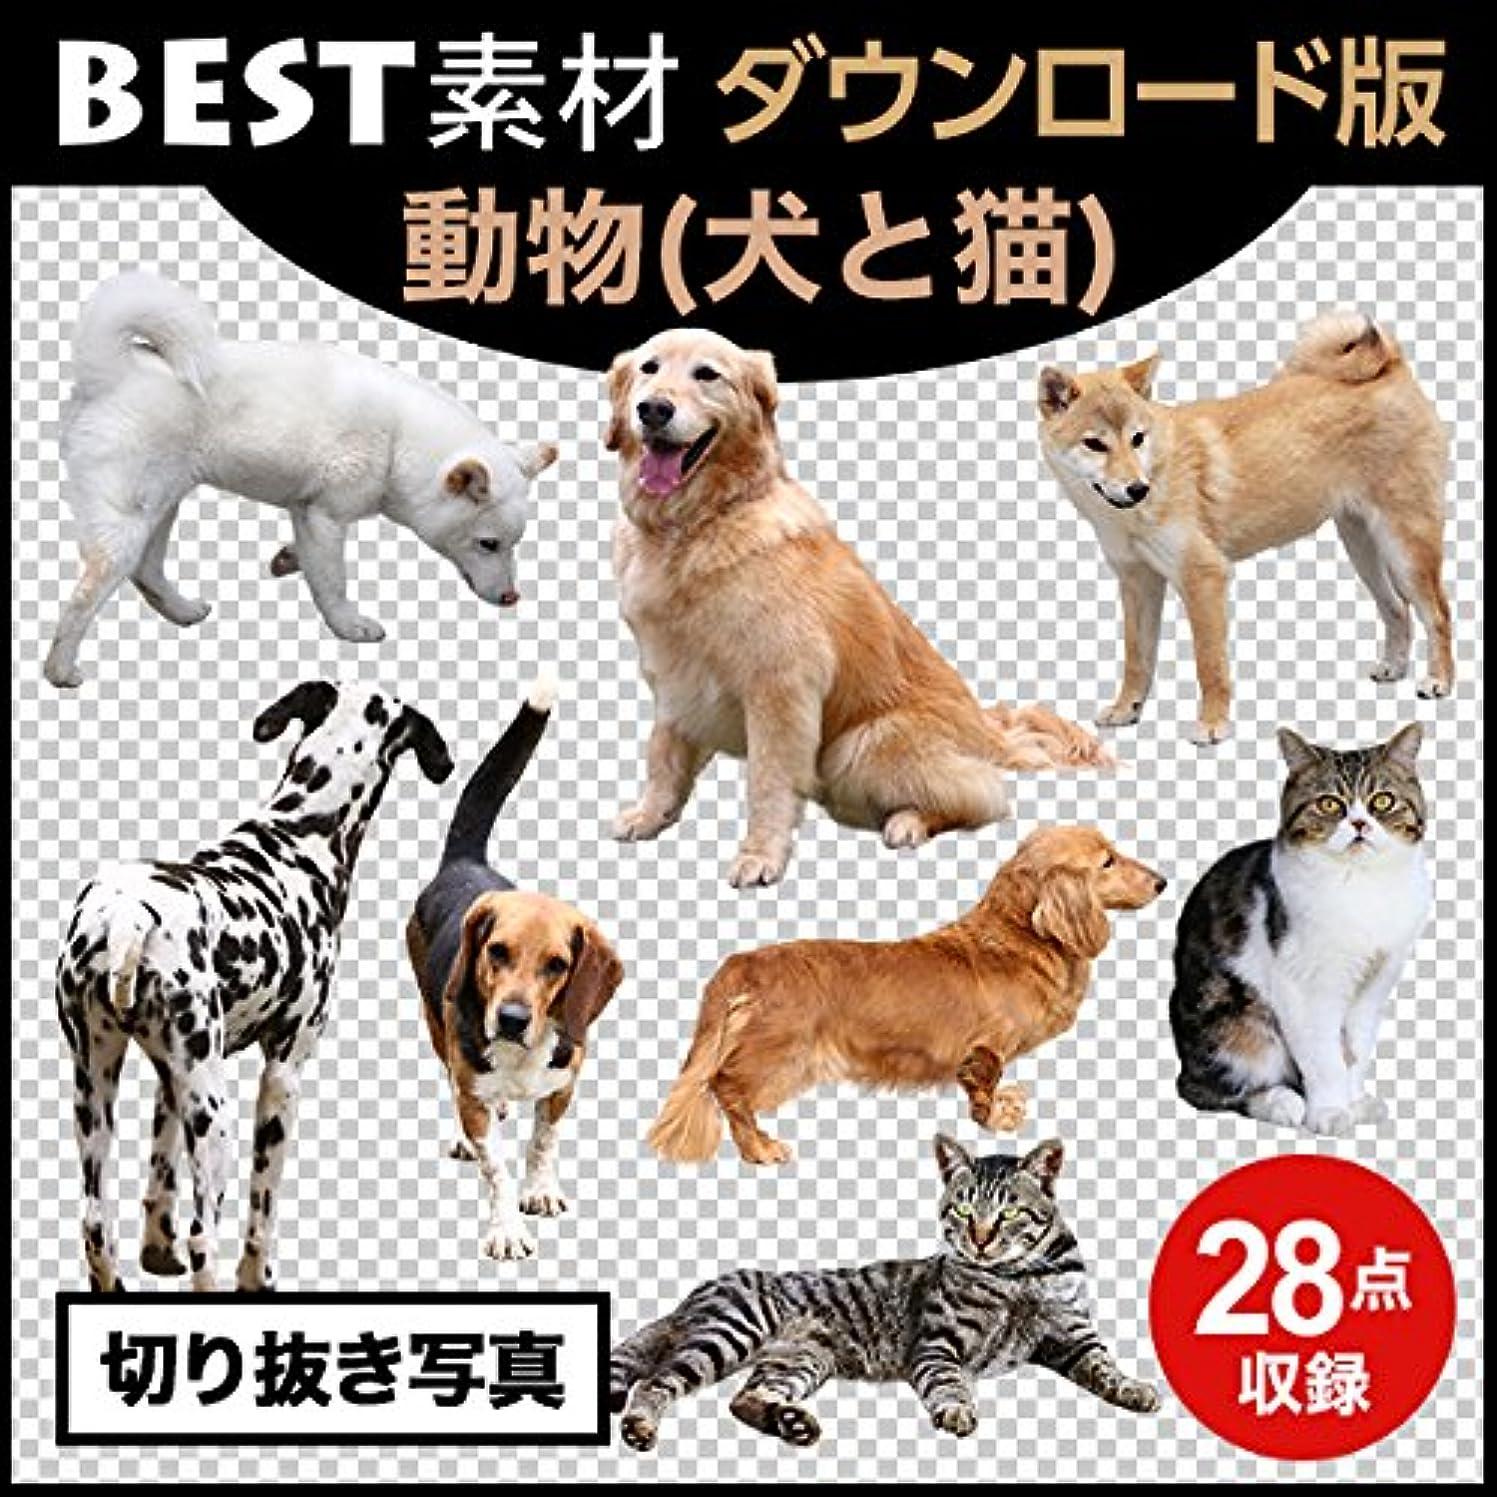 同化残高システム【BEST素材】切り抜き写真_動物(犬と猫) [ダウンロード]